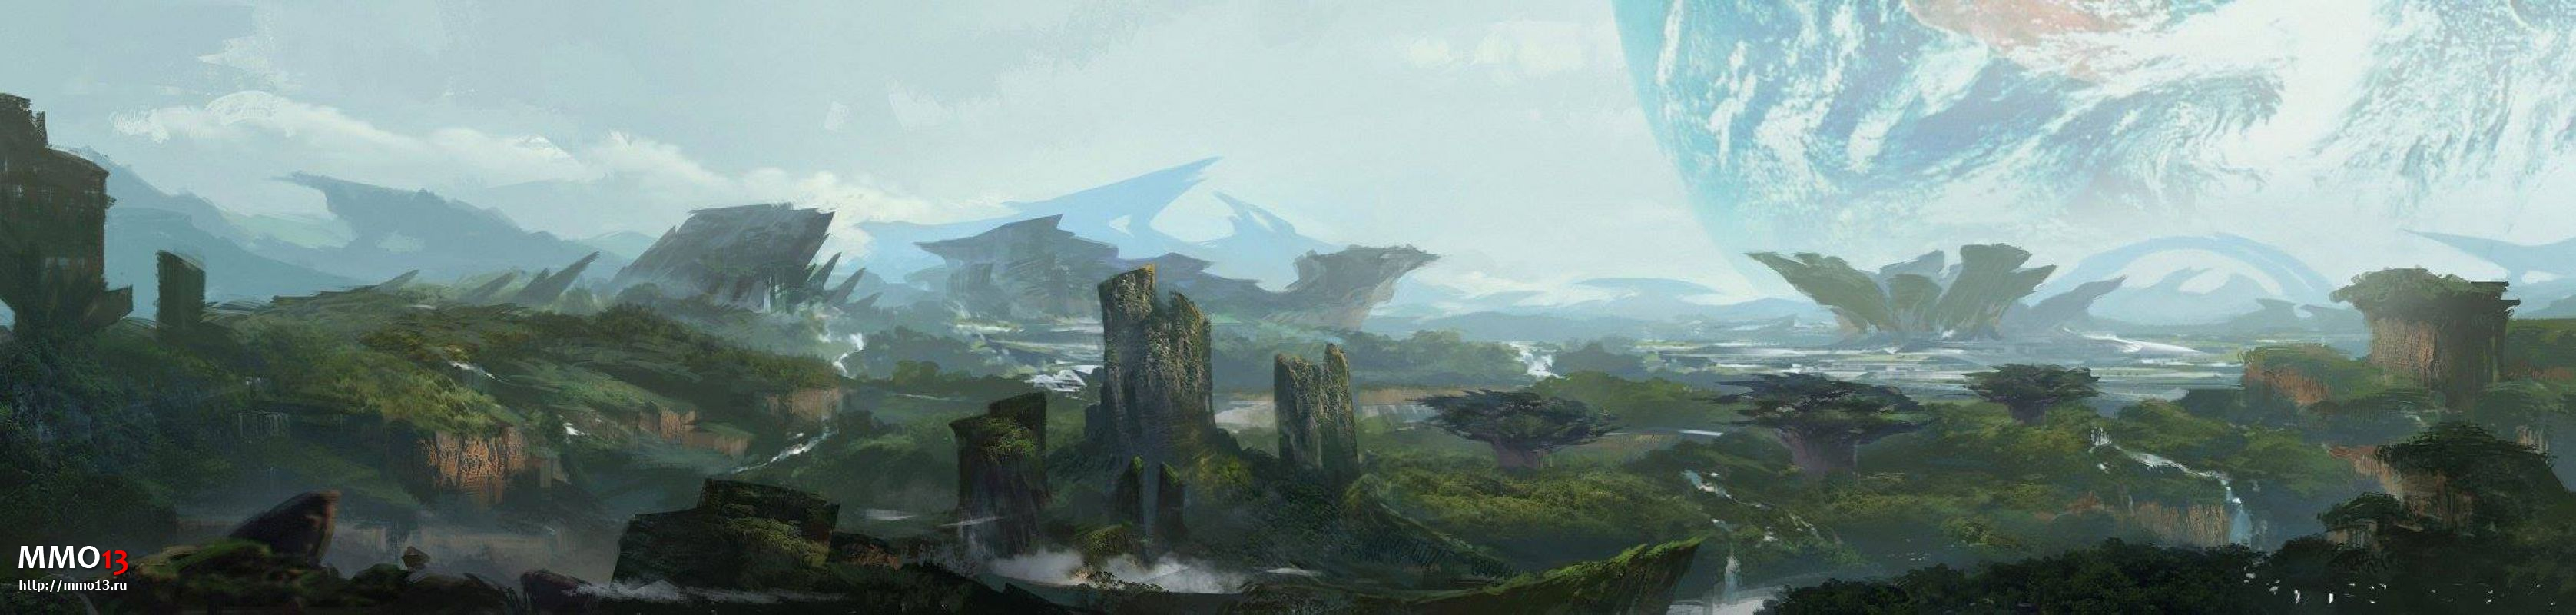 Dark and Light может появиться в Steam в этом году - новая информация об игре